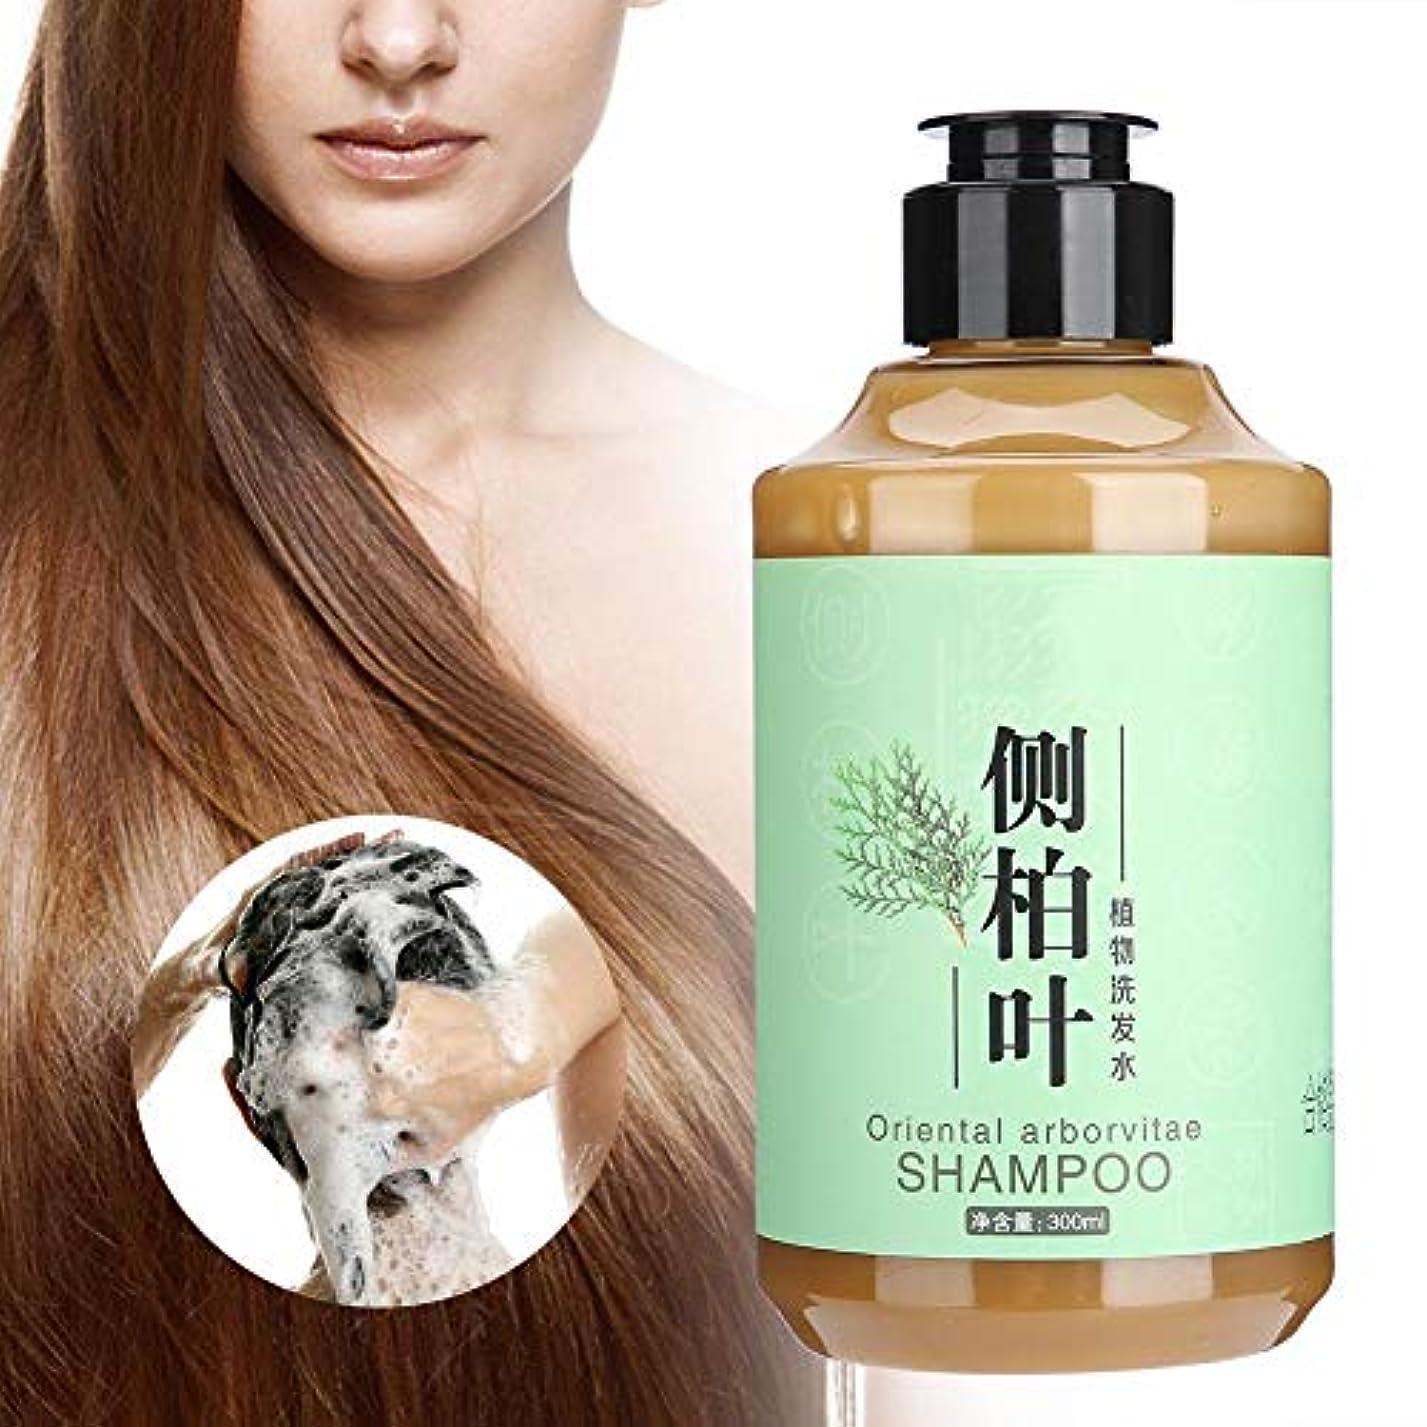 アルファベット順副数学シャンプー、髪の毛の栄養補給、髪の毛の根元の栄養補給、すべての髪のタイプの男性と女性のための抜け毛の栄養補給用シャンプー